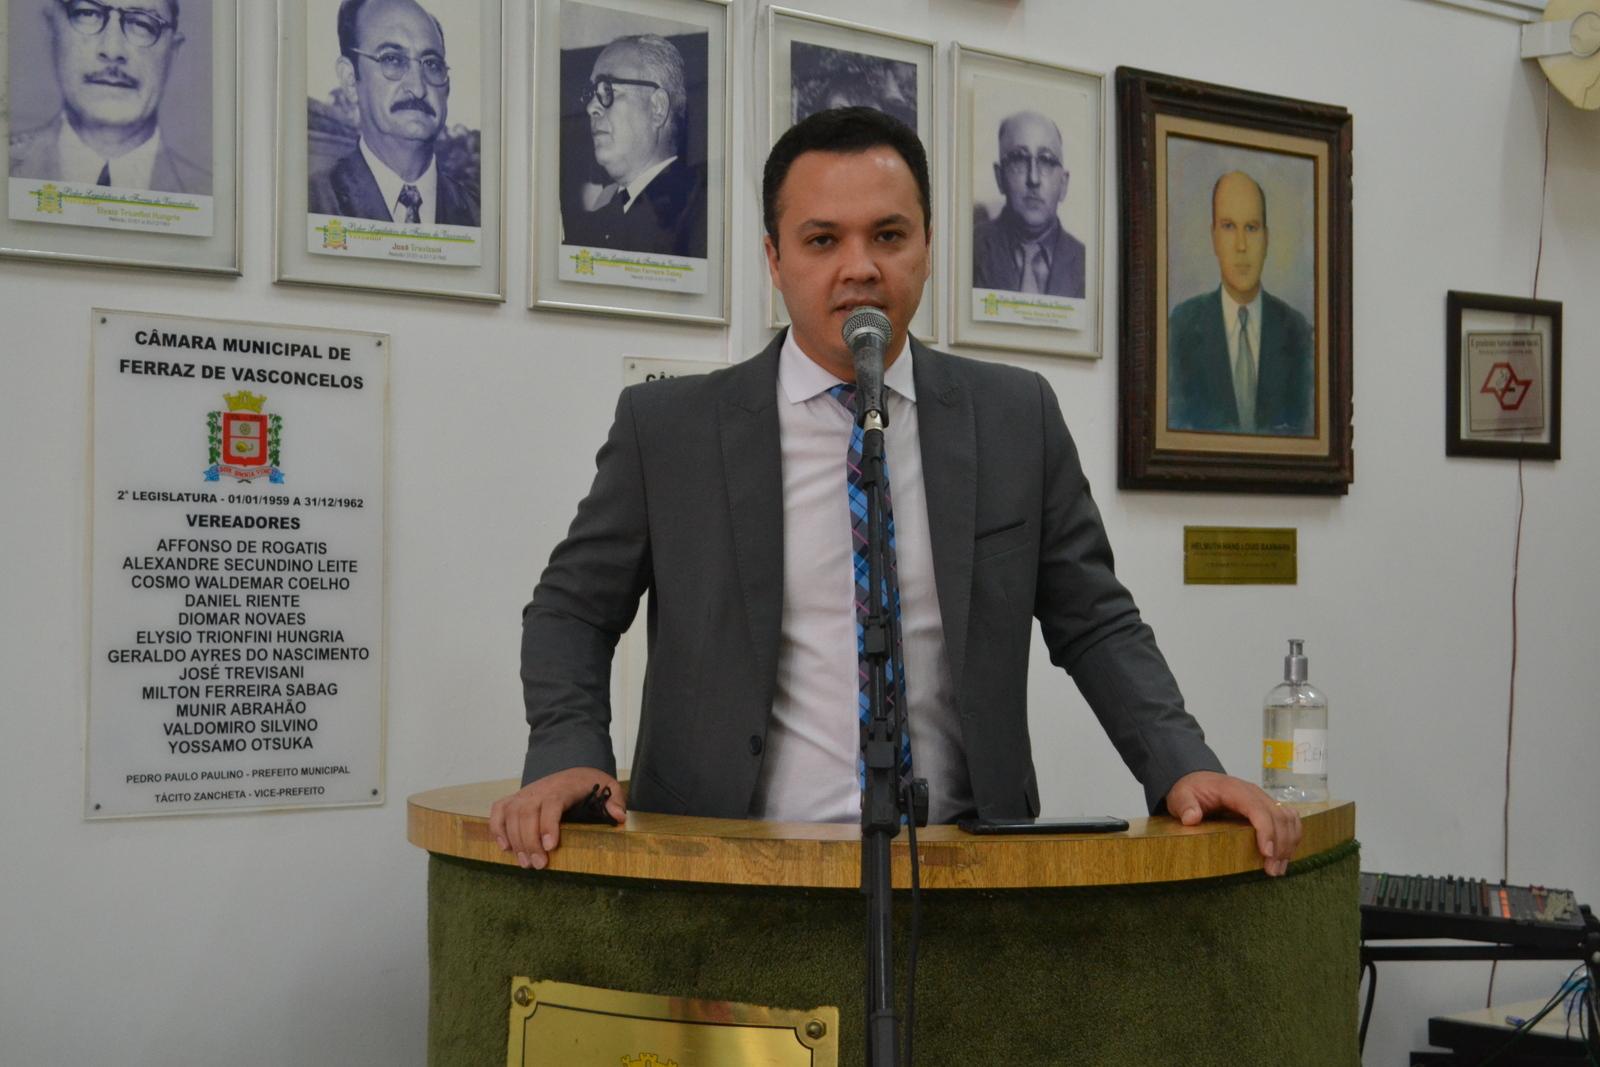 Vereador David Júnior recomenda a construção de lombada no bairro do Jardim São João